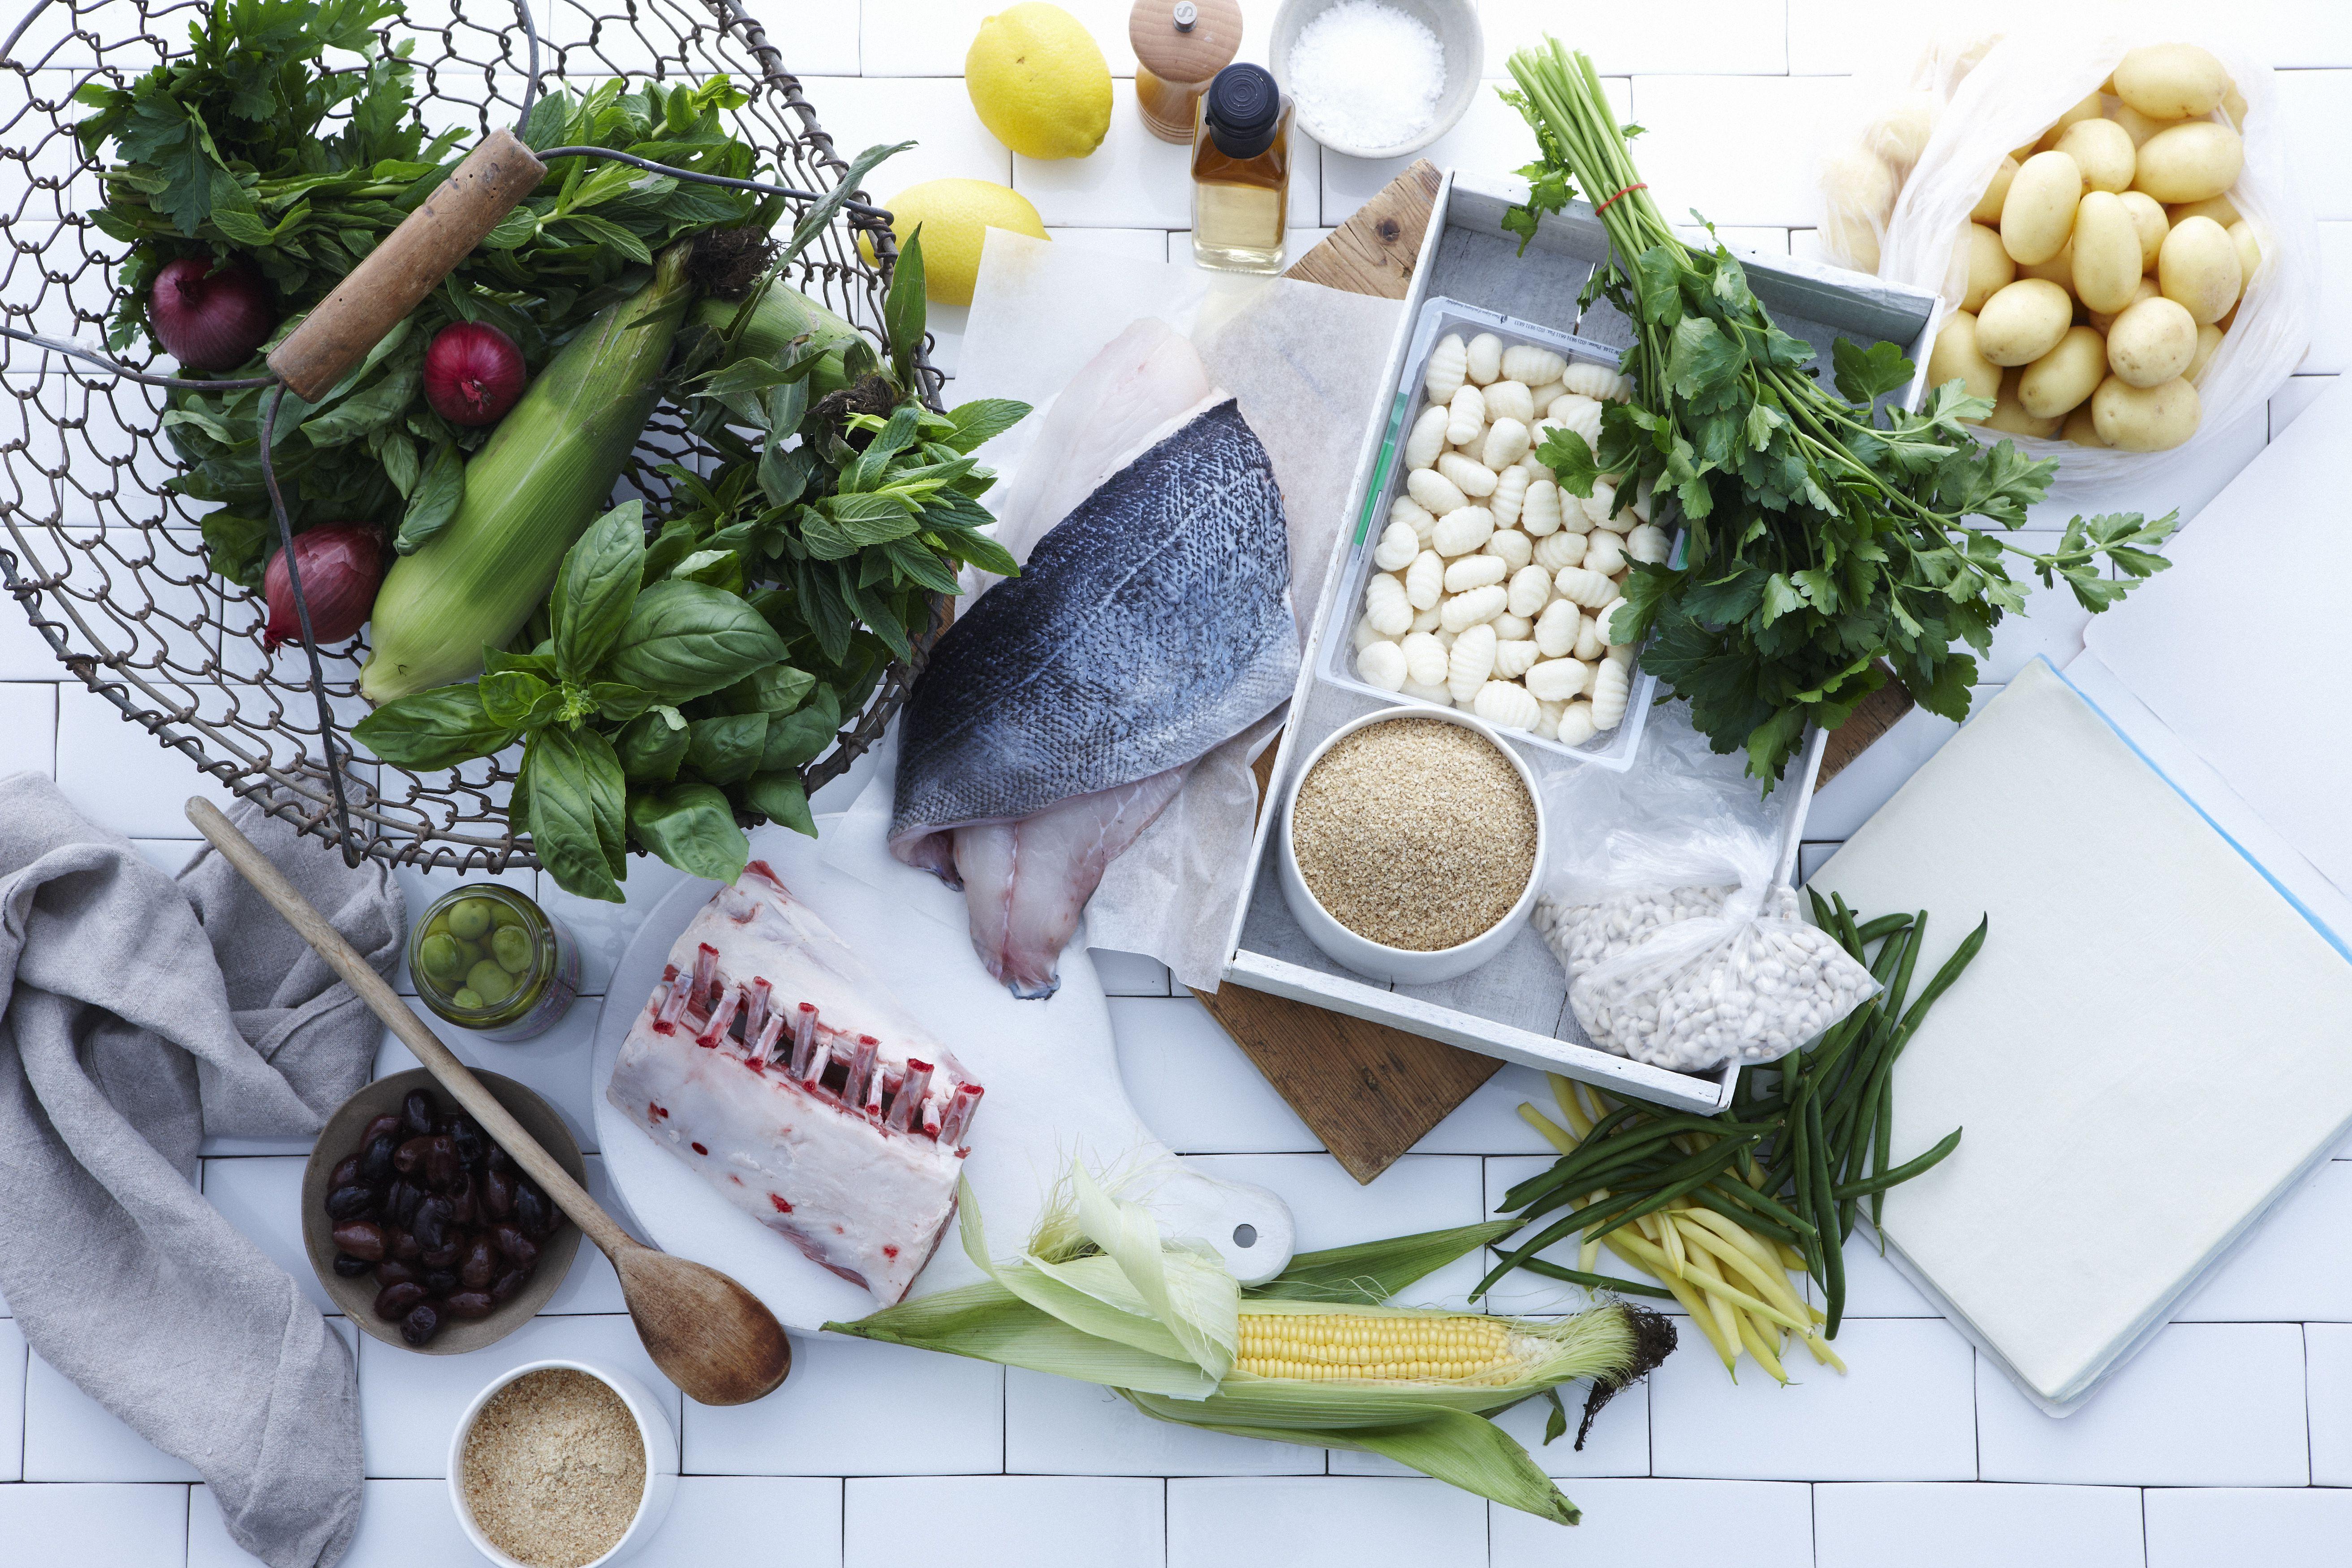 Selección de pescado fresco, carne y verduras